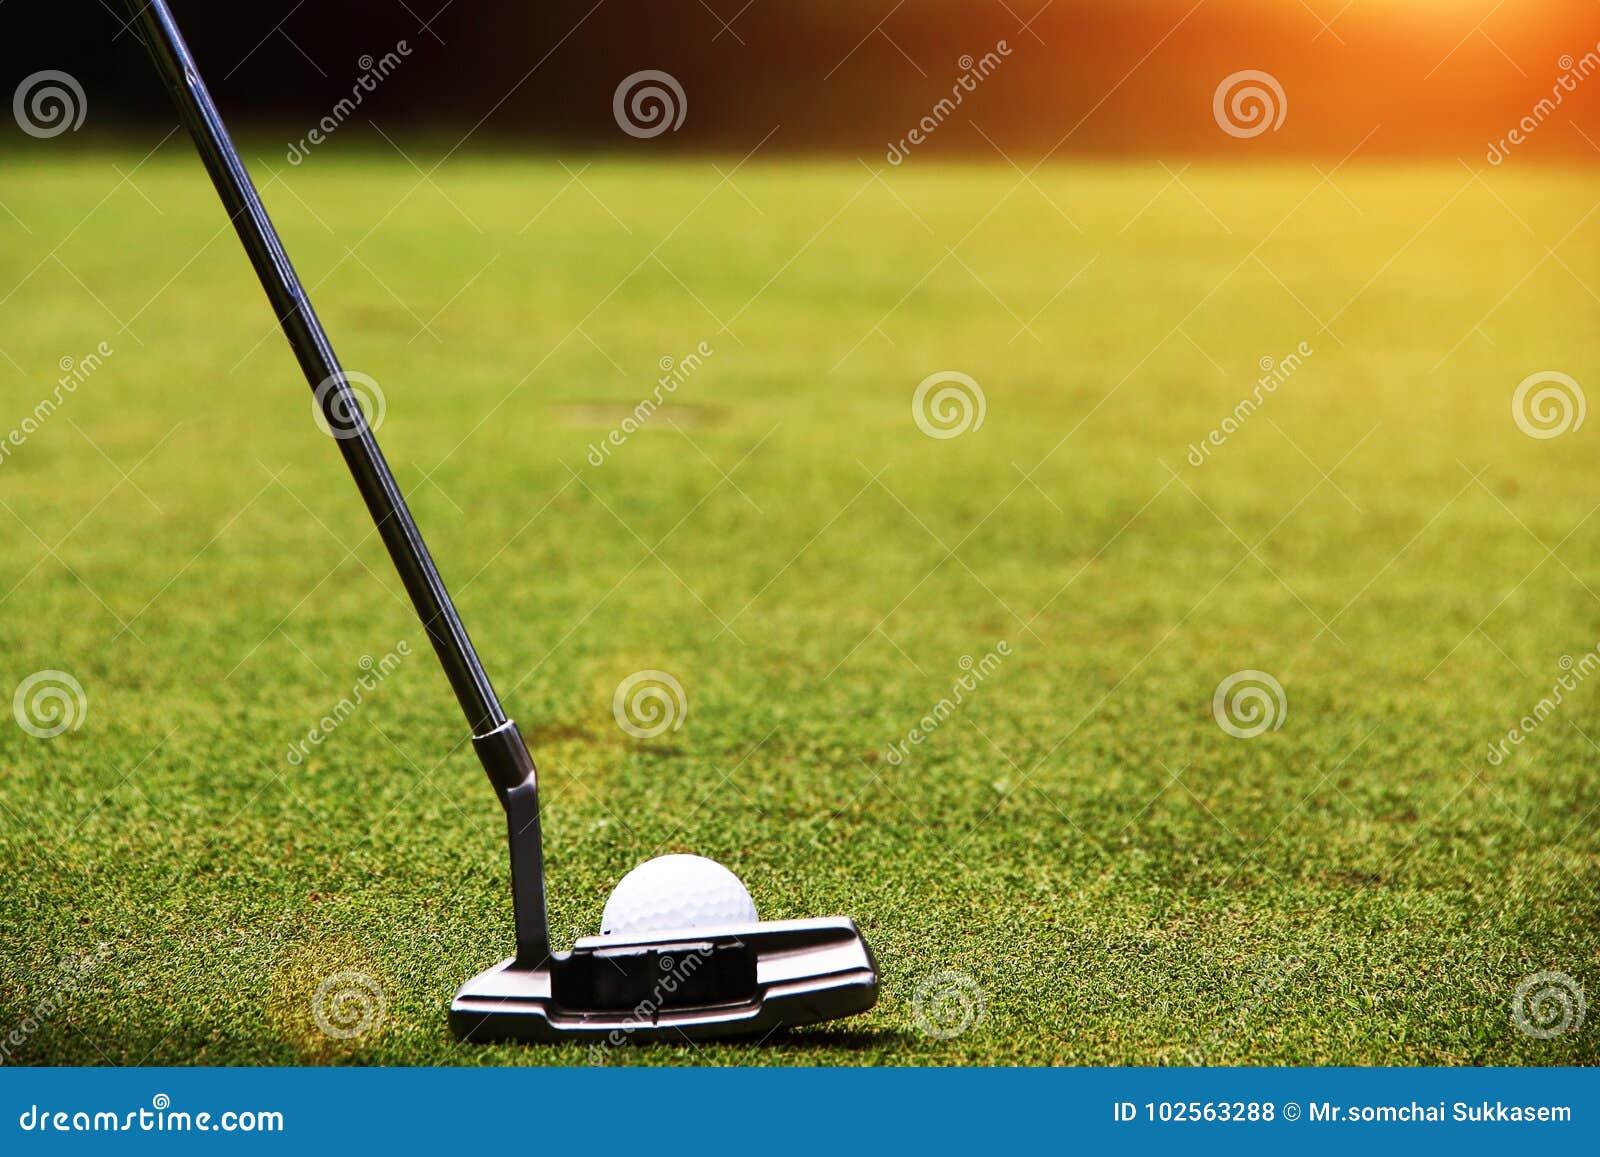 Οι παίκτες γκολφ βάζουν το γκολφ στο γήπεδο του γκολφ βραδιού